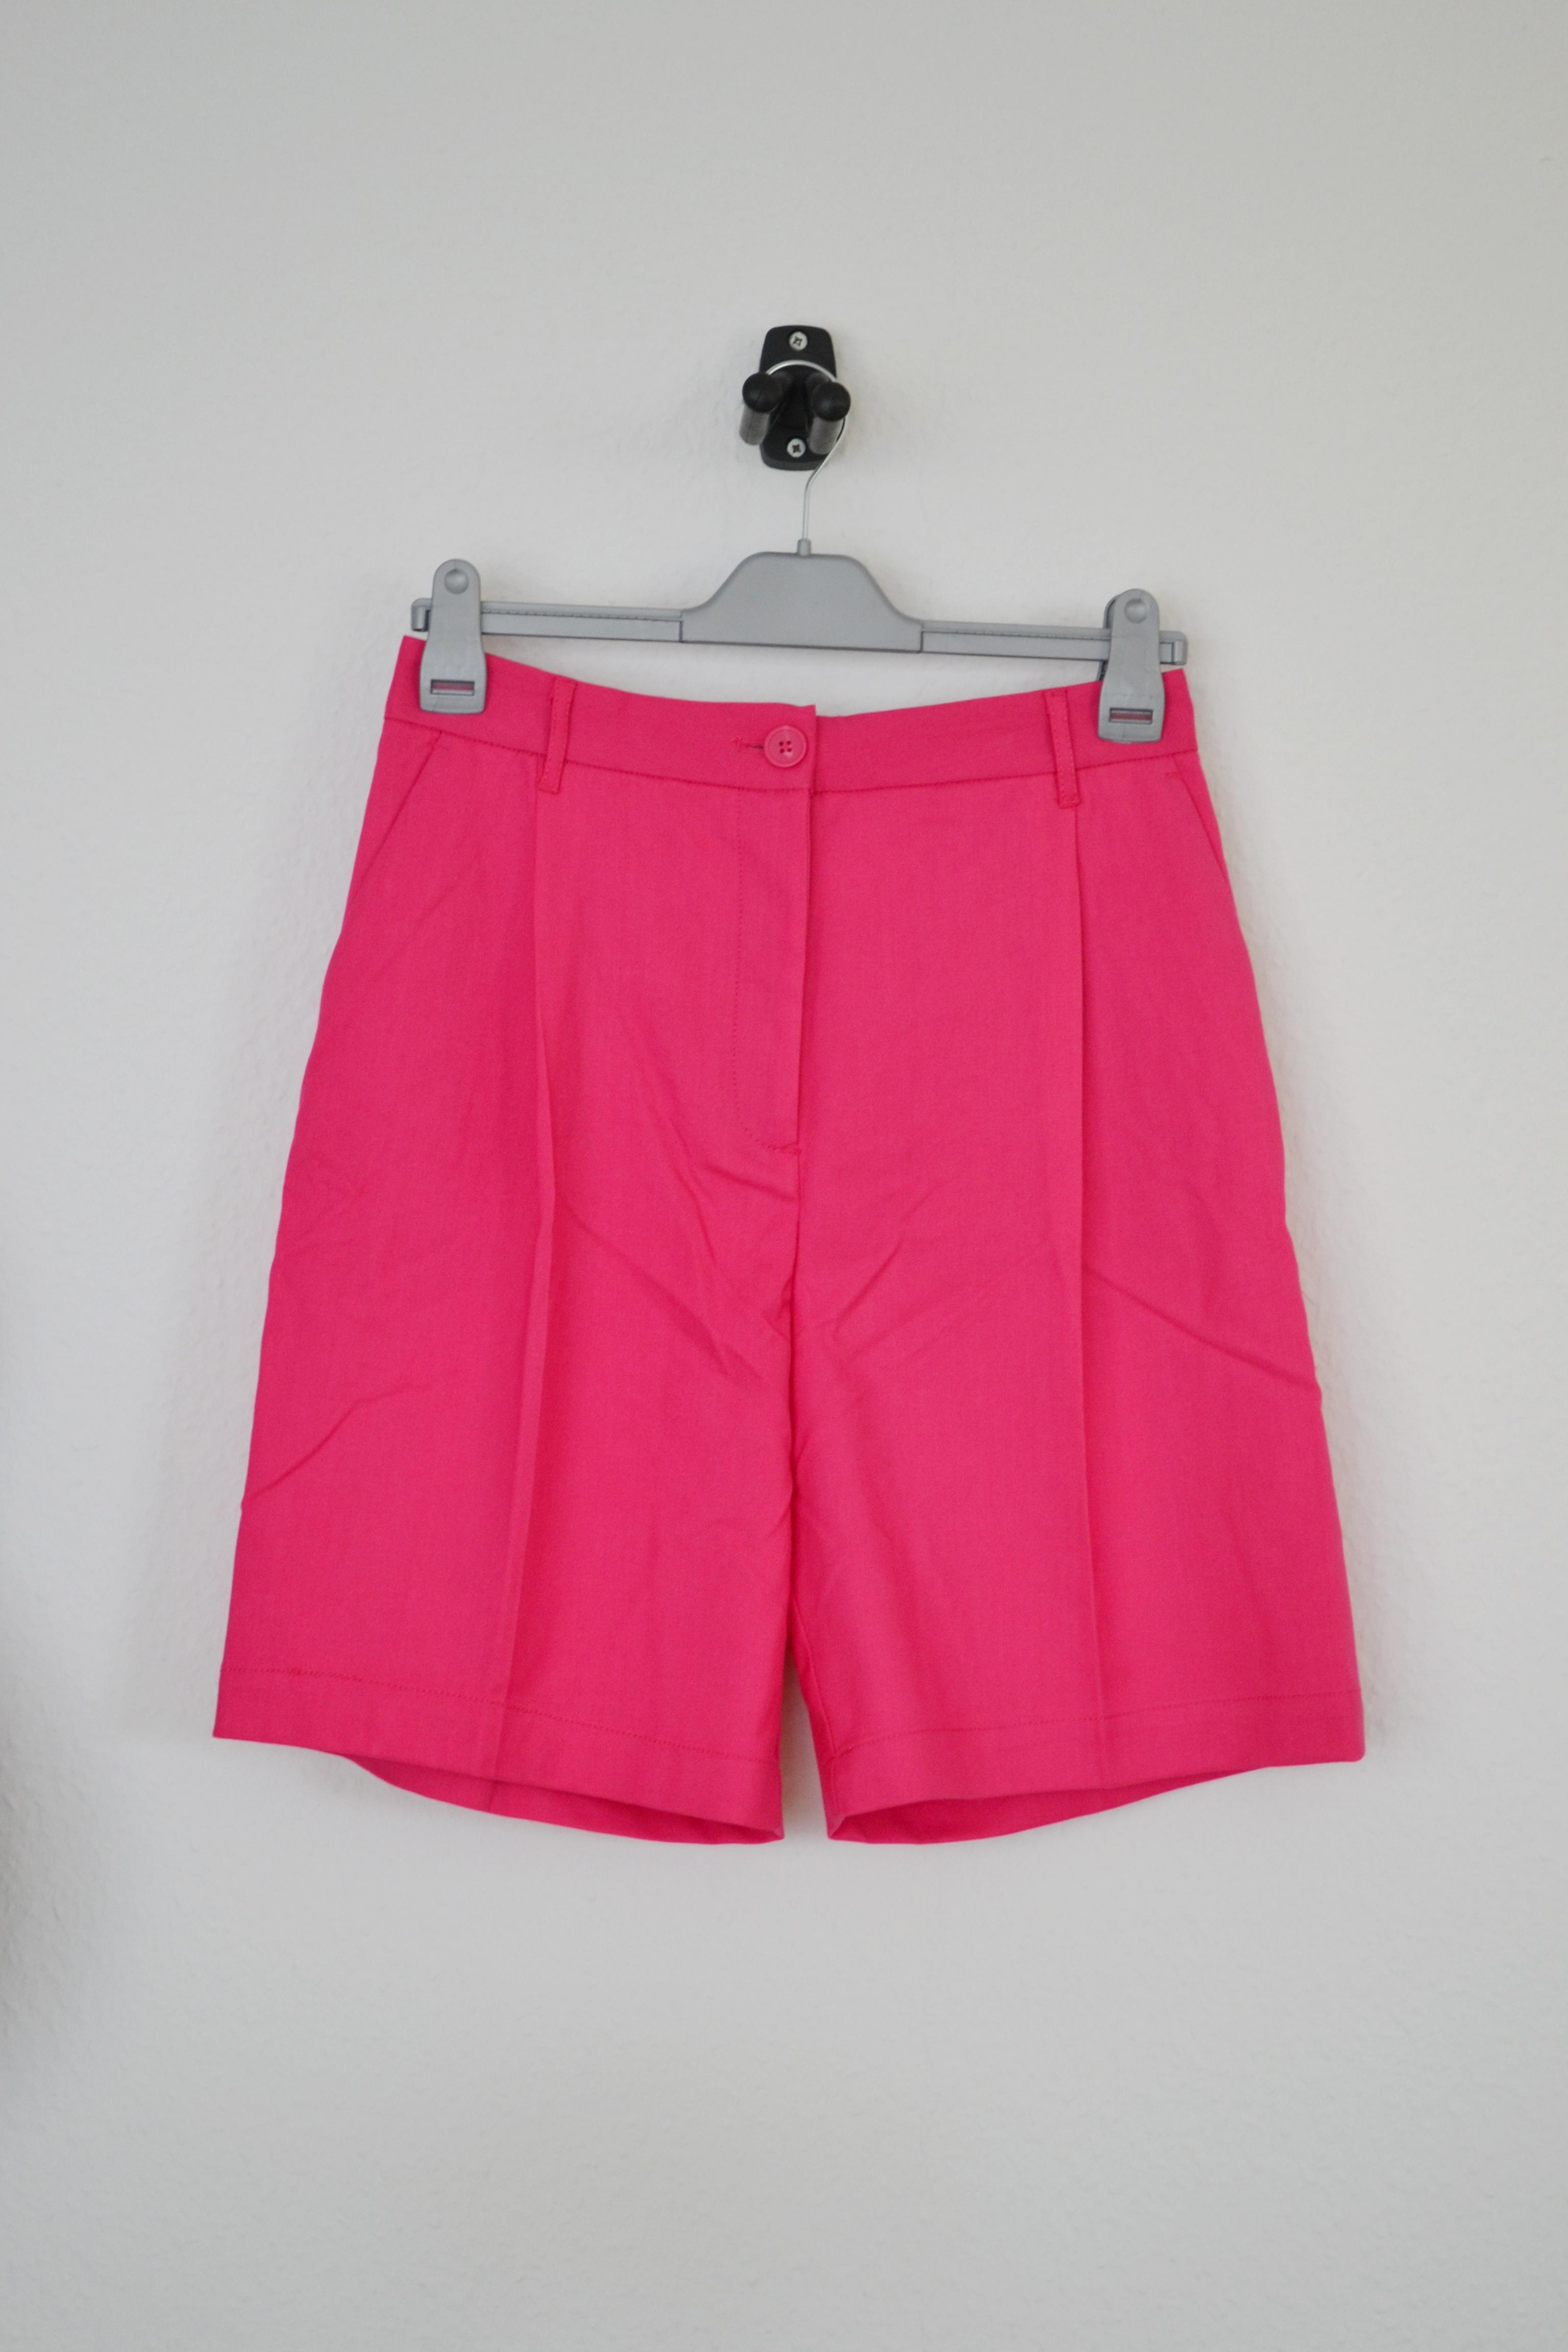 Pink shorts - Monki